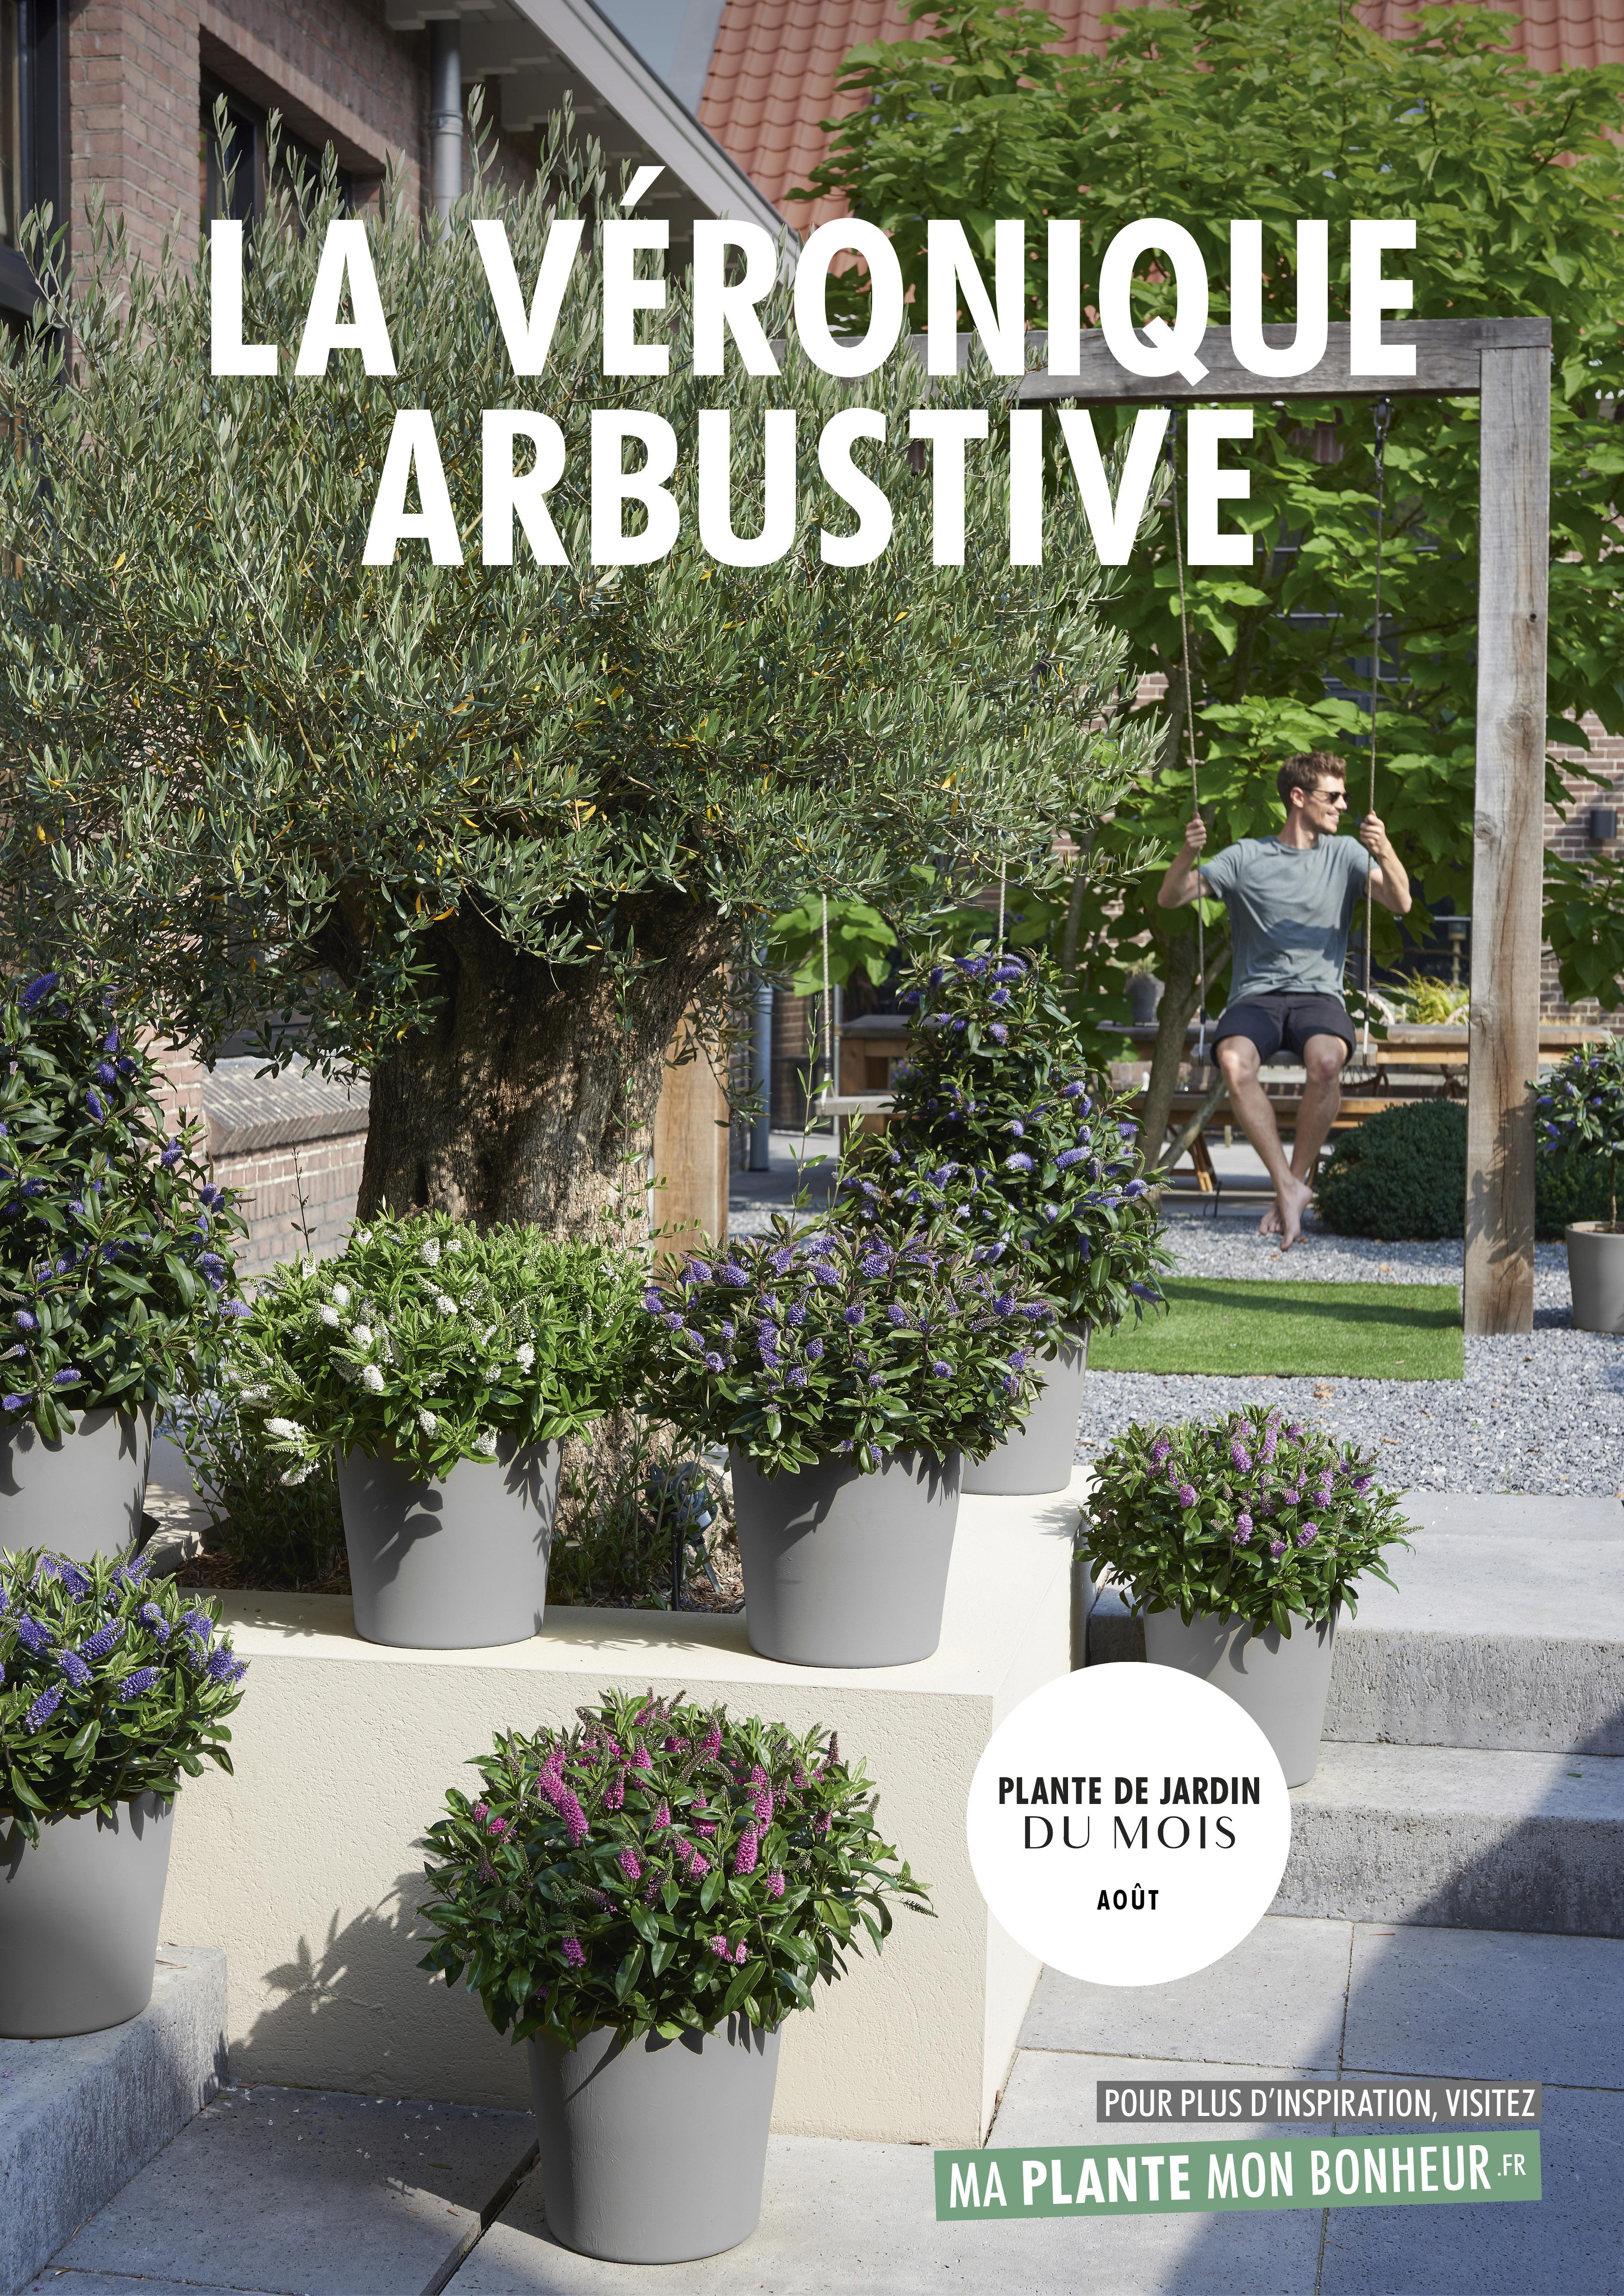 Quelle Plante En Pot Pour Terrasse plante de jardin du mois d'août : la véronique arbustive